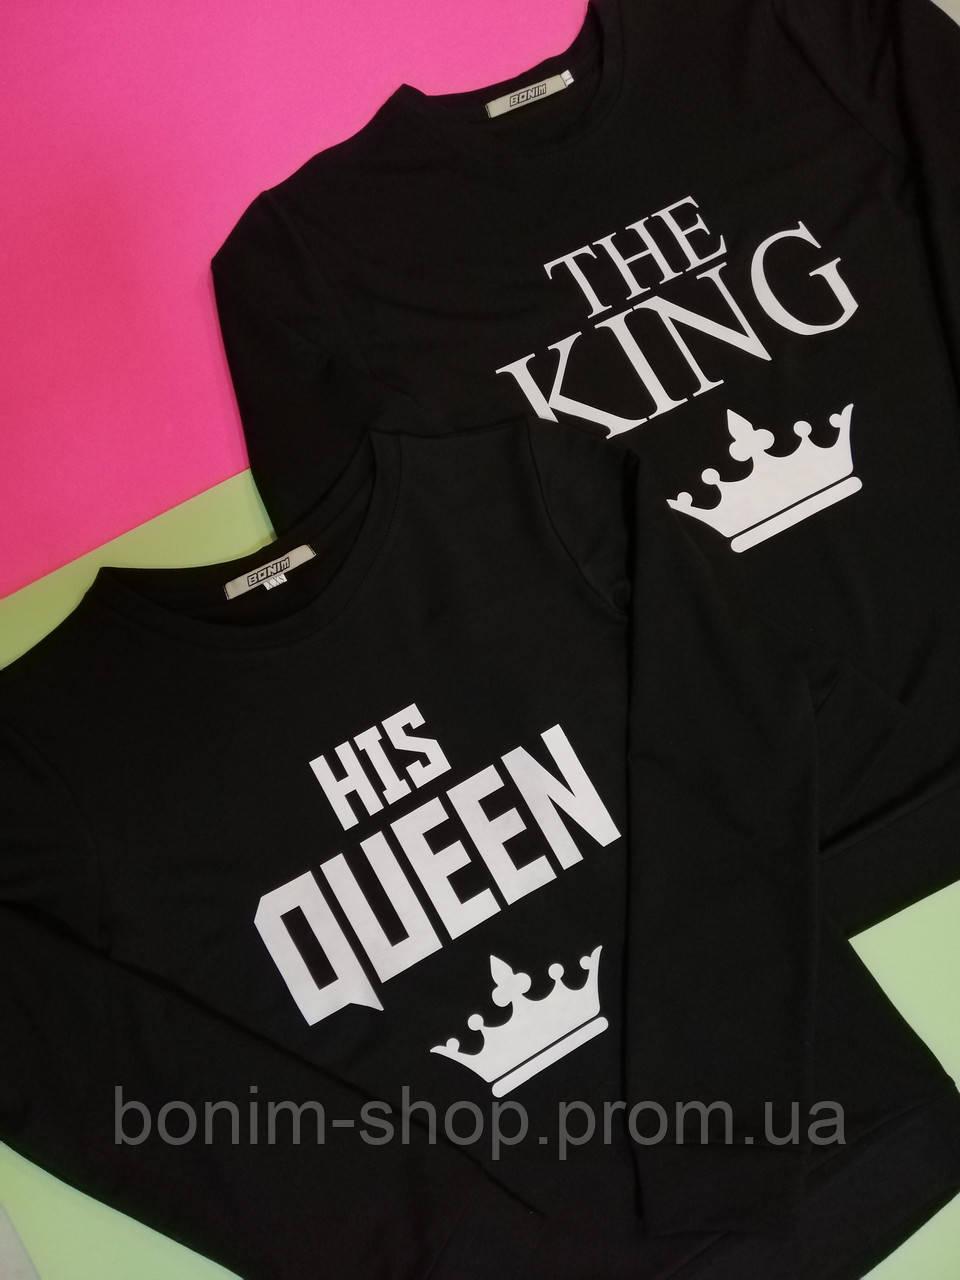 Кофты для влюбленных с принтом King & Queen